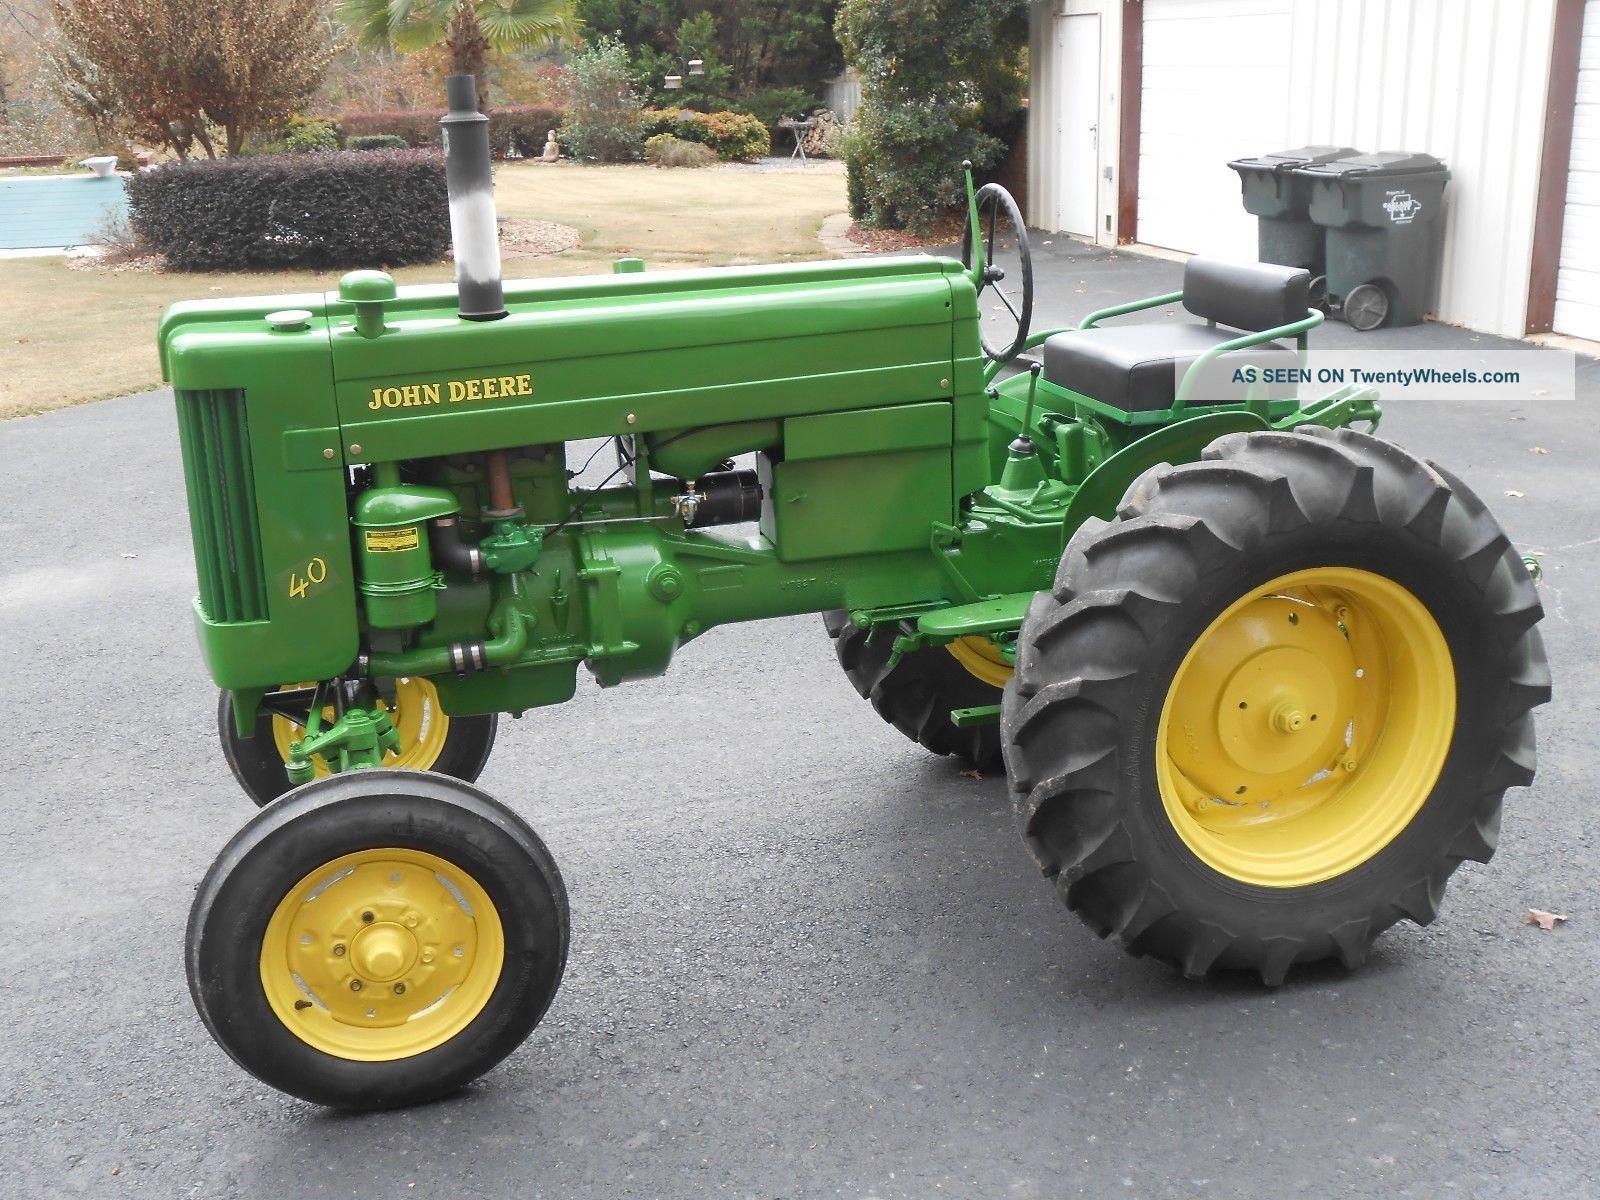 1953 John Deere Model 40 - S Tractor